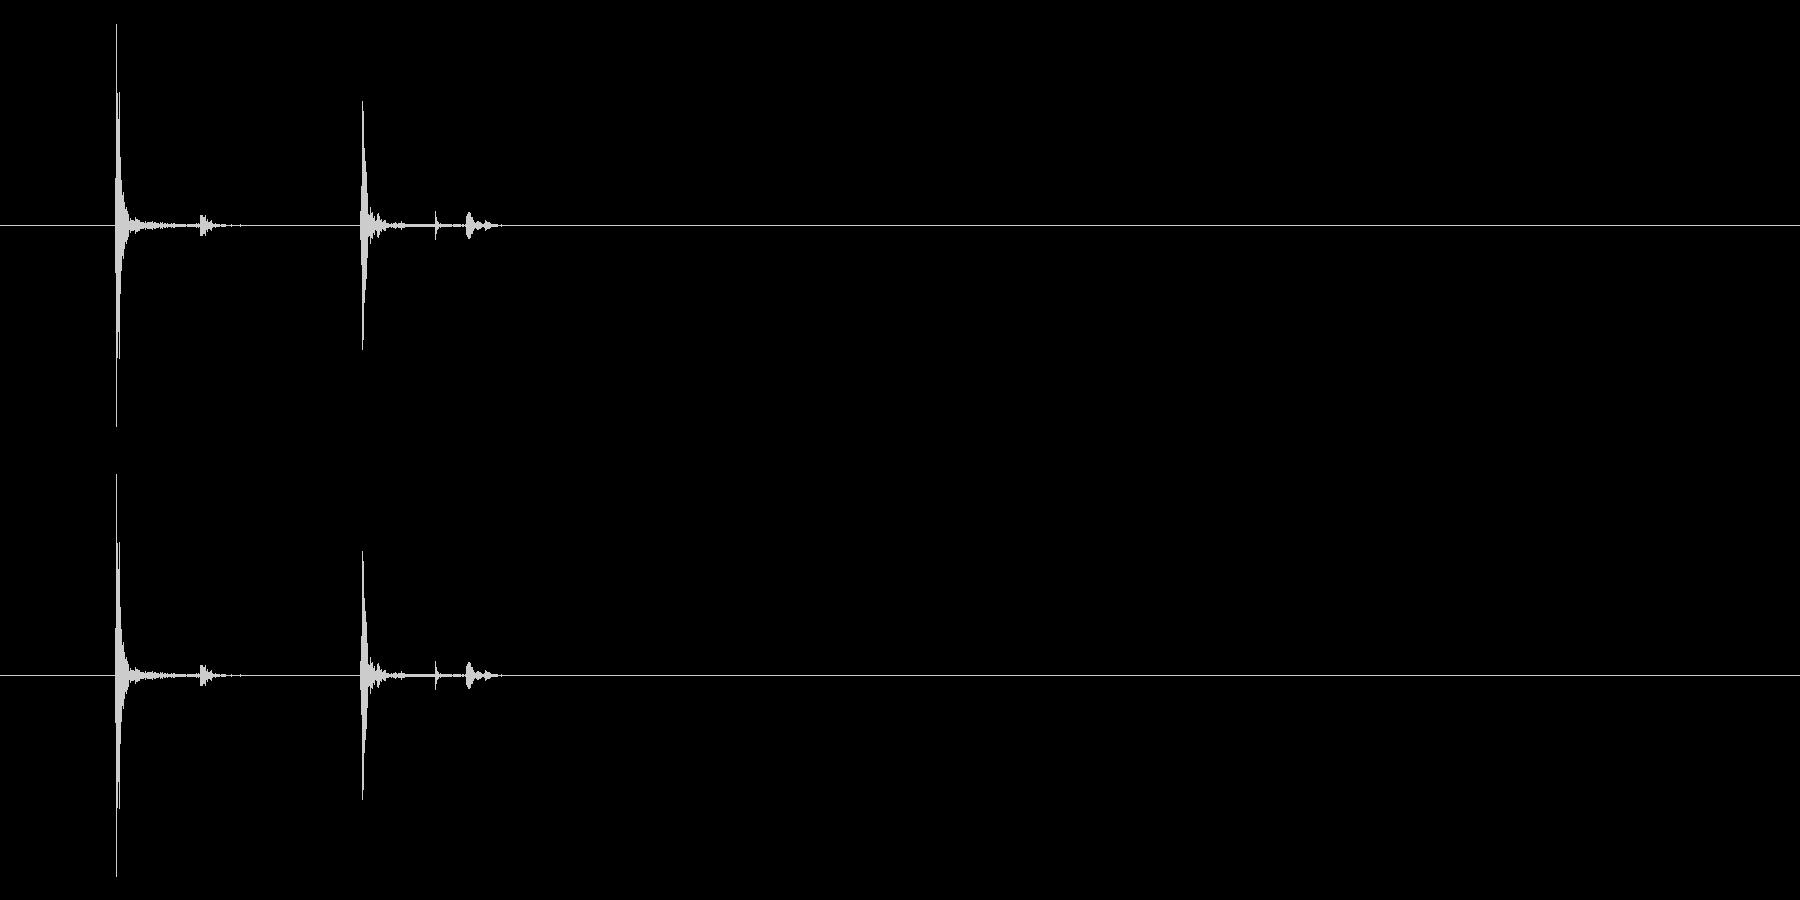 トラックパッド クリック01-06(左 の未再生の波形